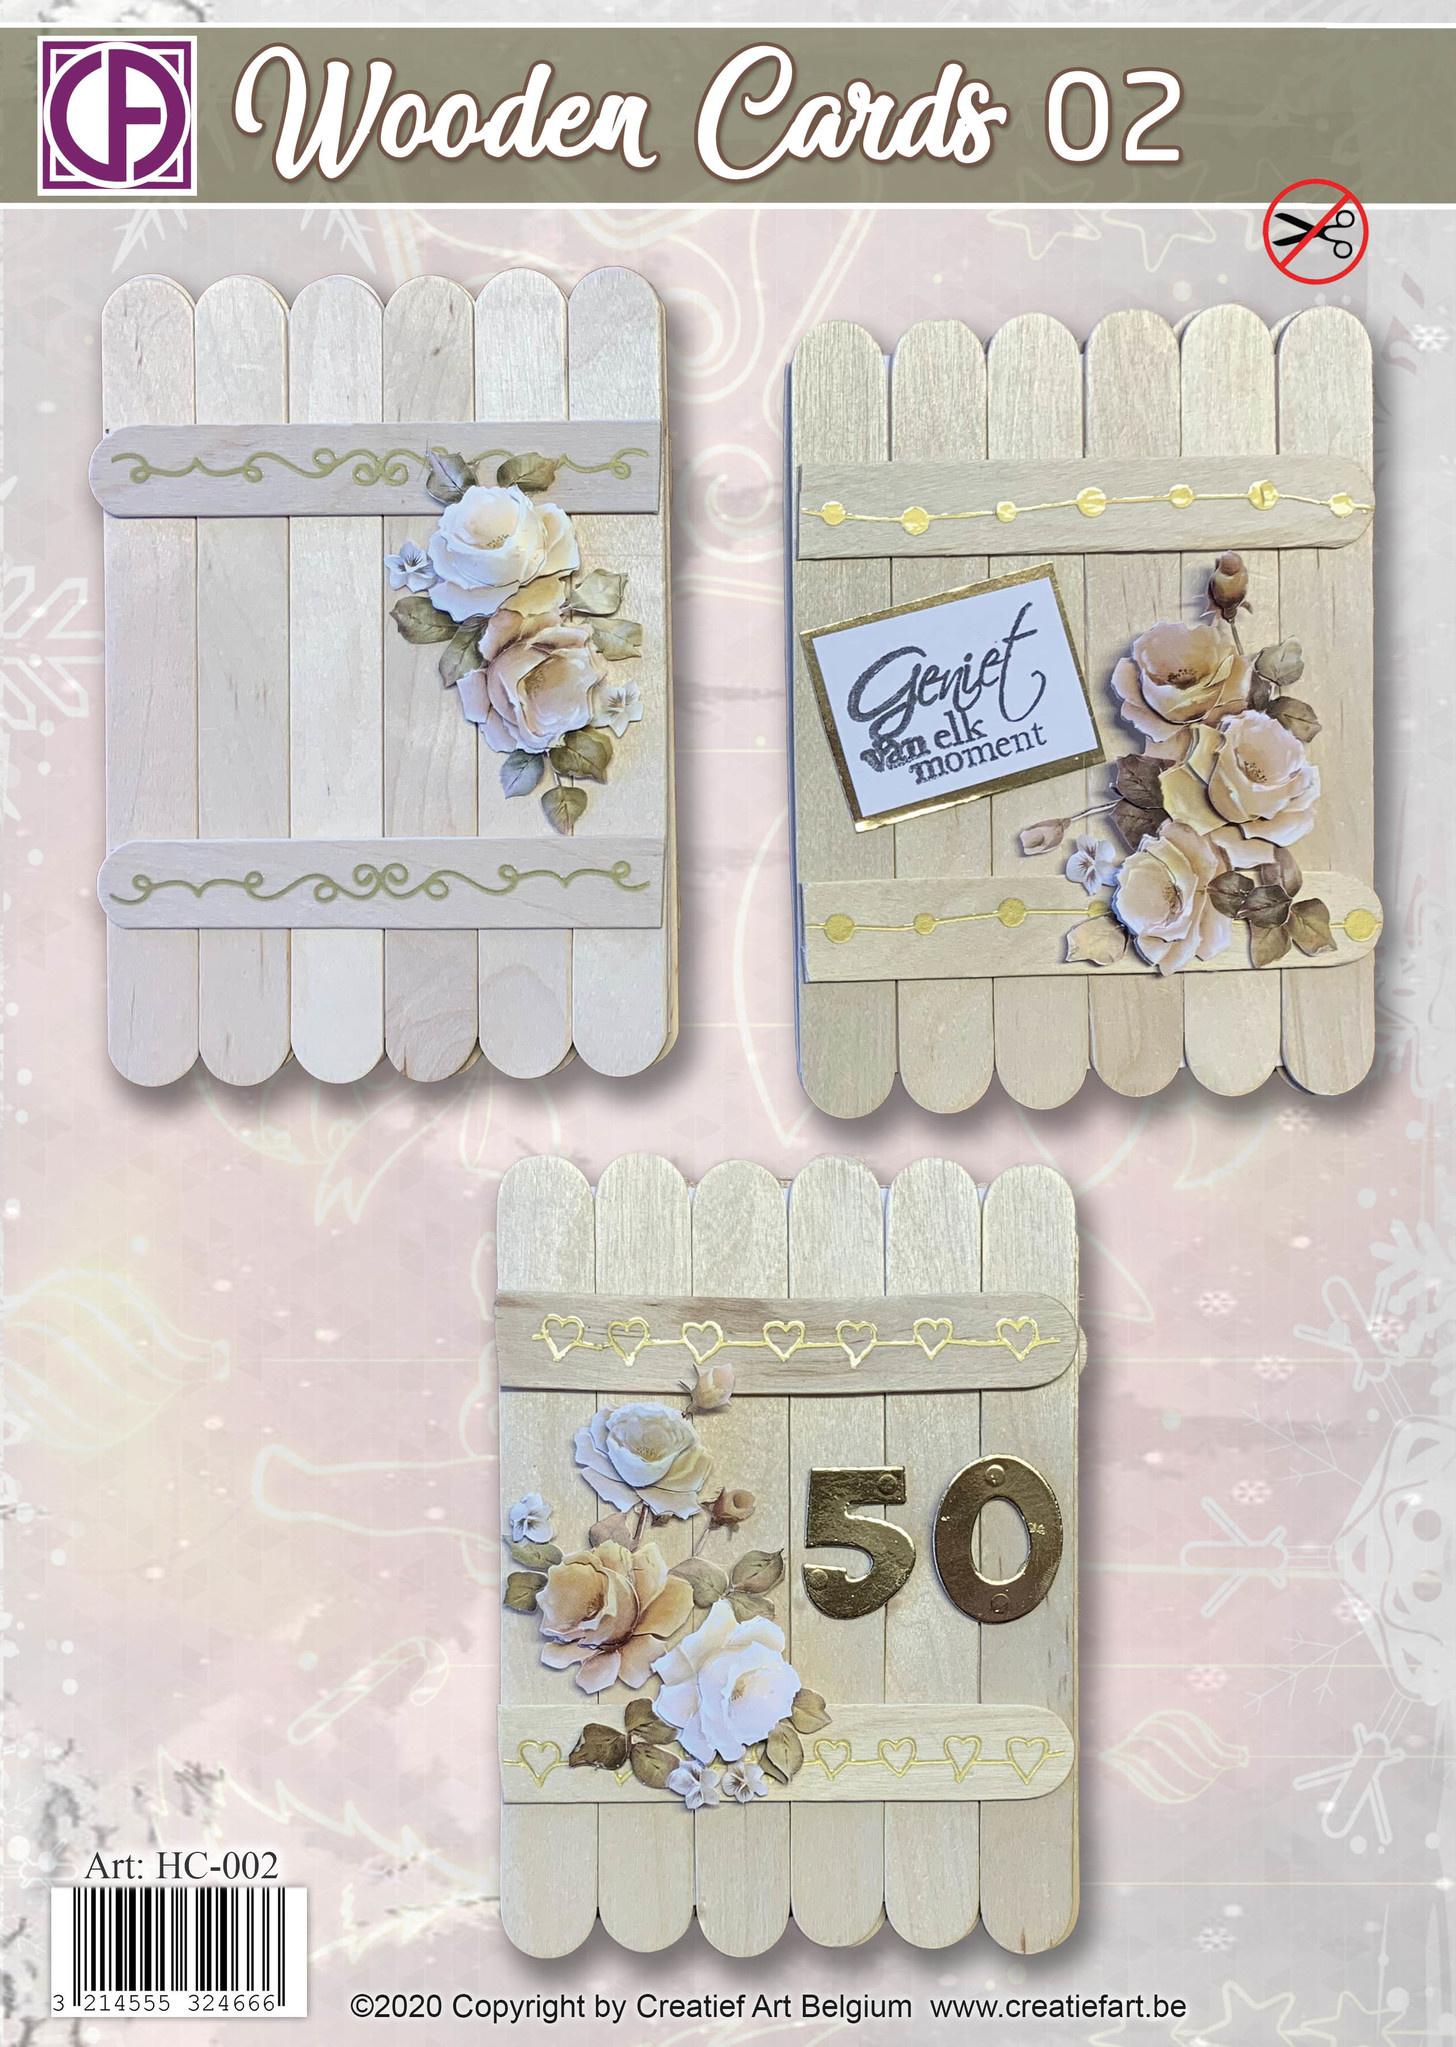 Creatief Art Wooden Cards 02 - Flowers